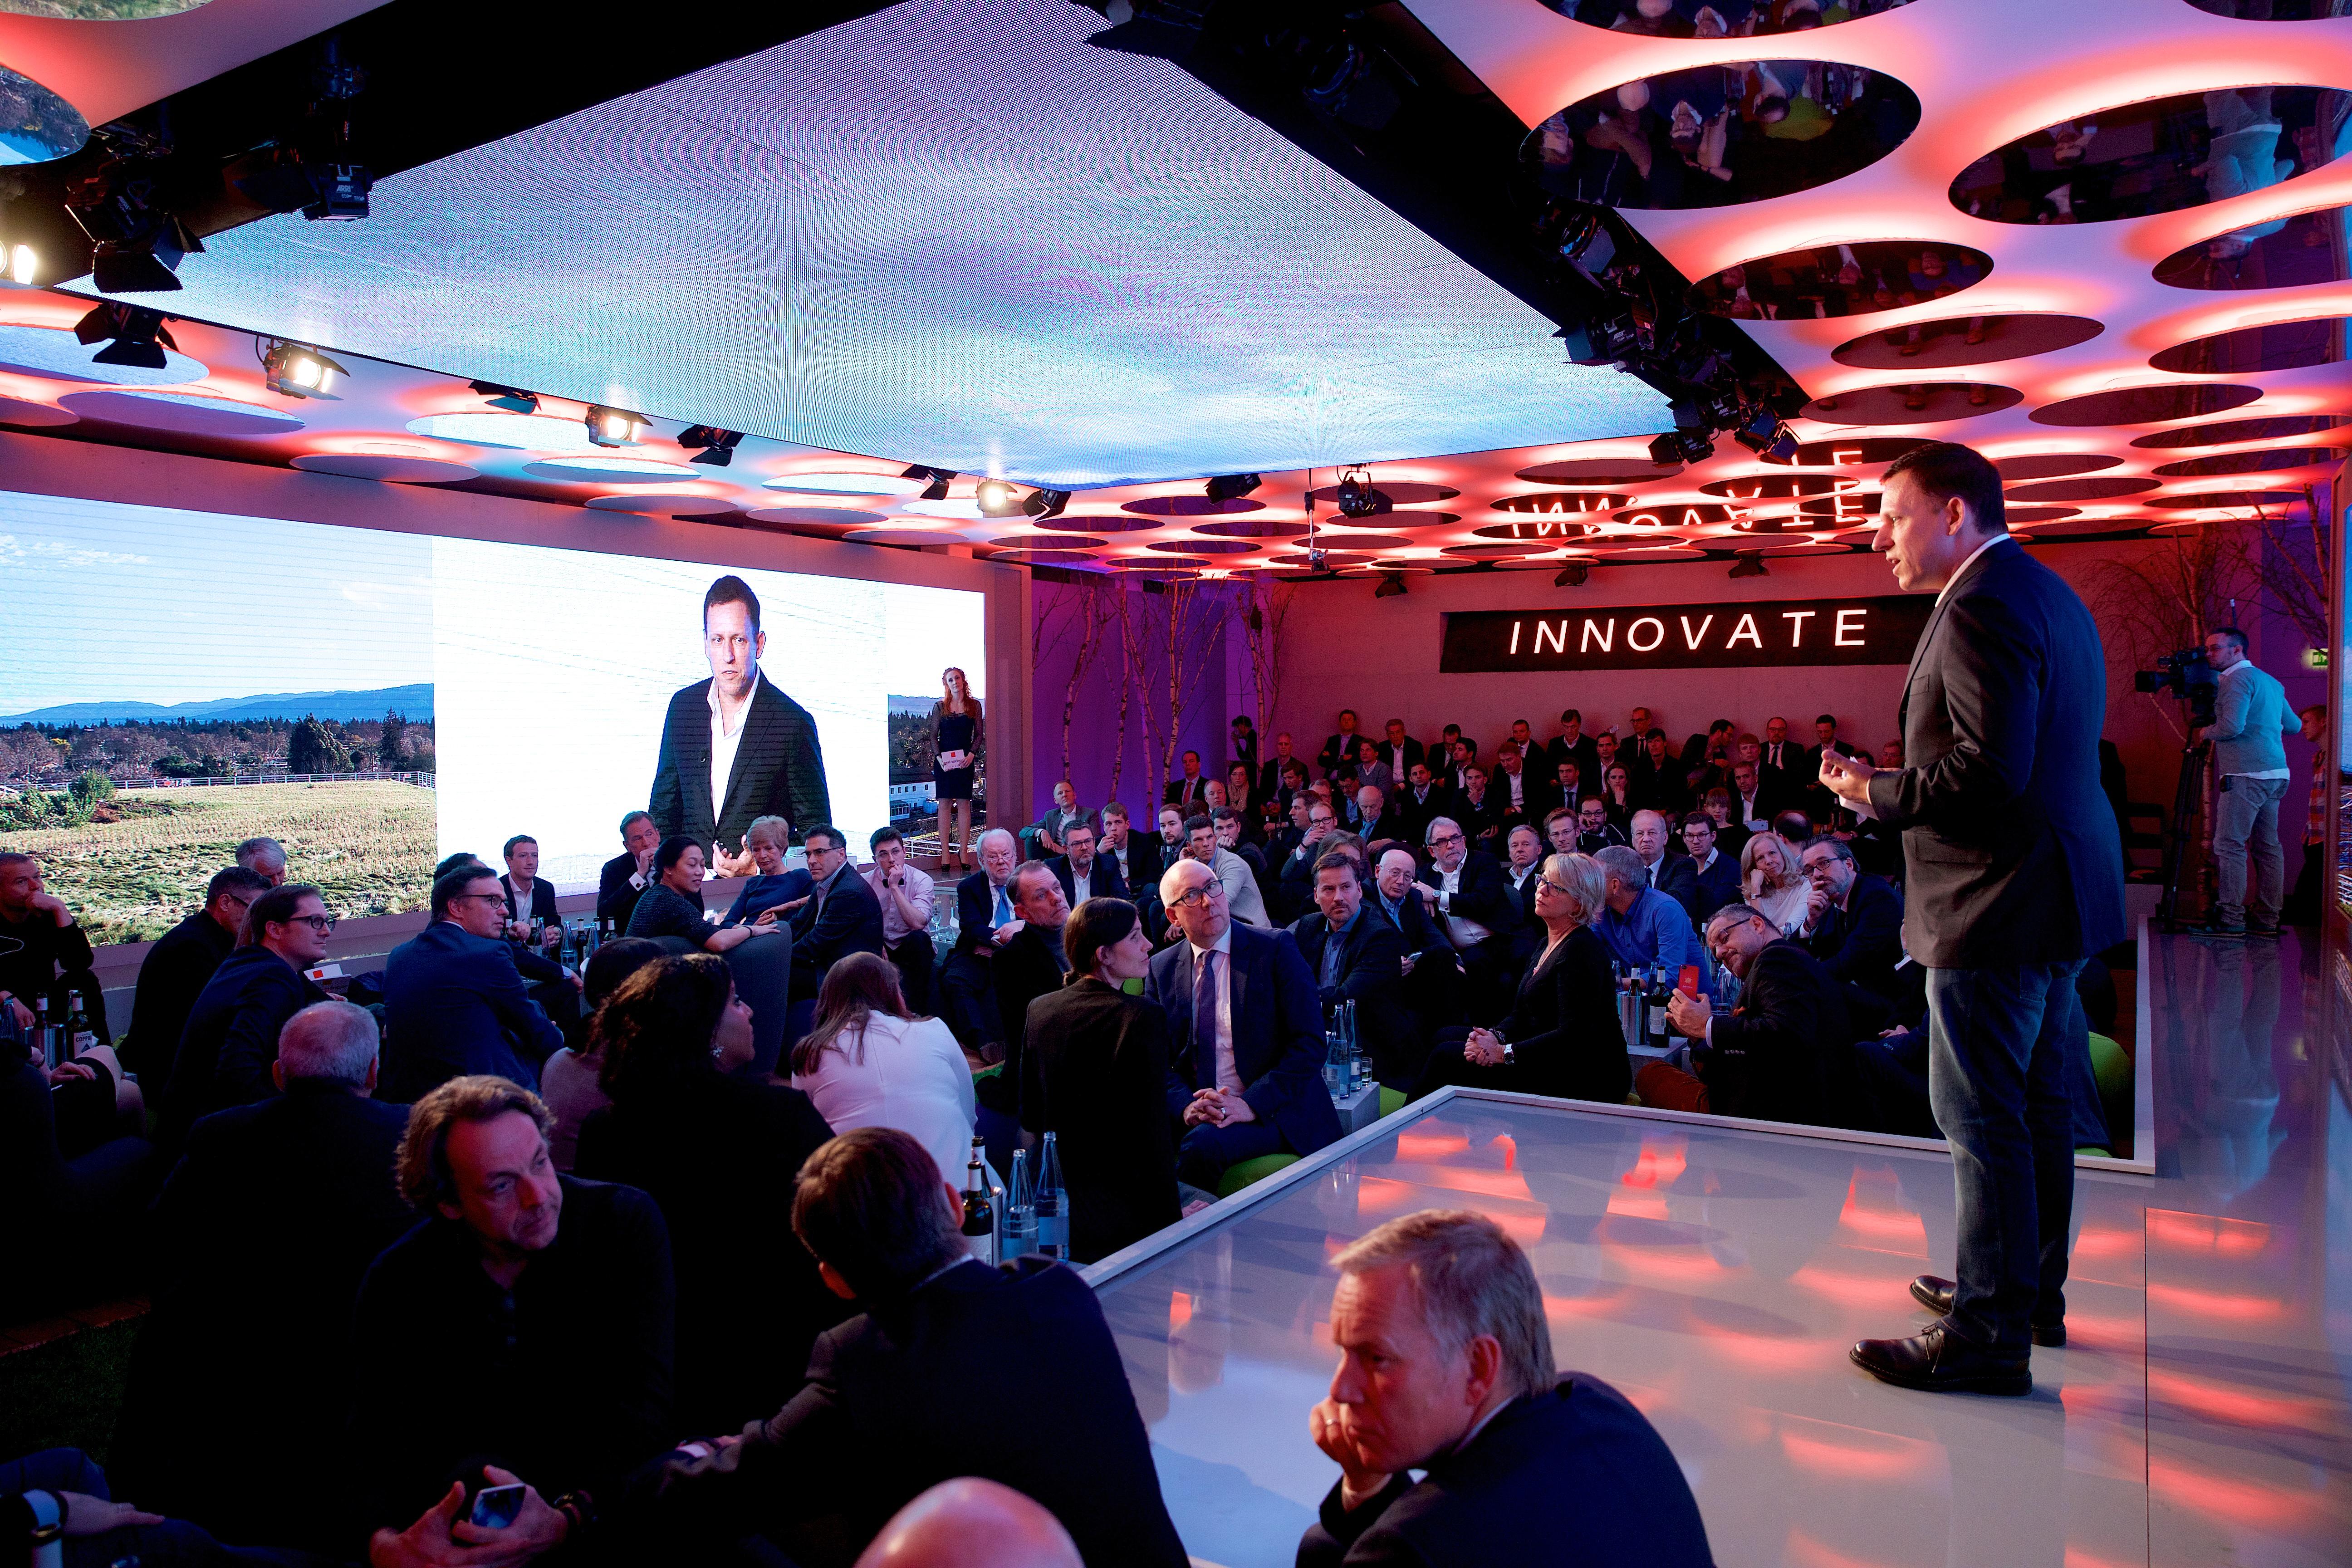 Verleihung des 1 Axel Springer Awards an MarkZuckerberg